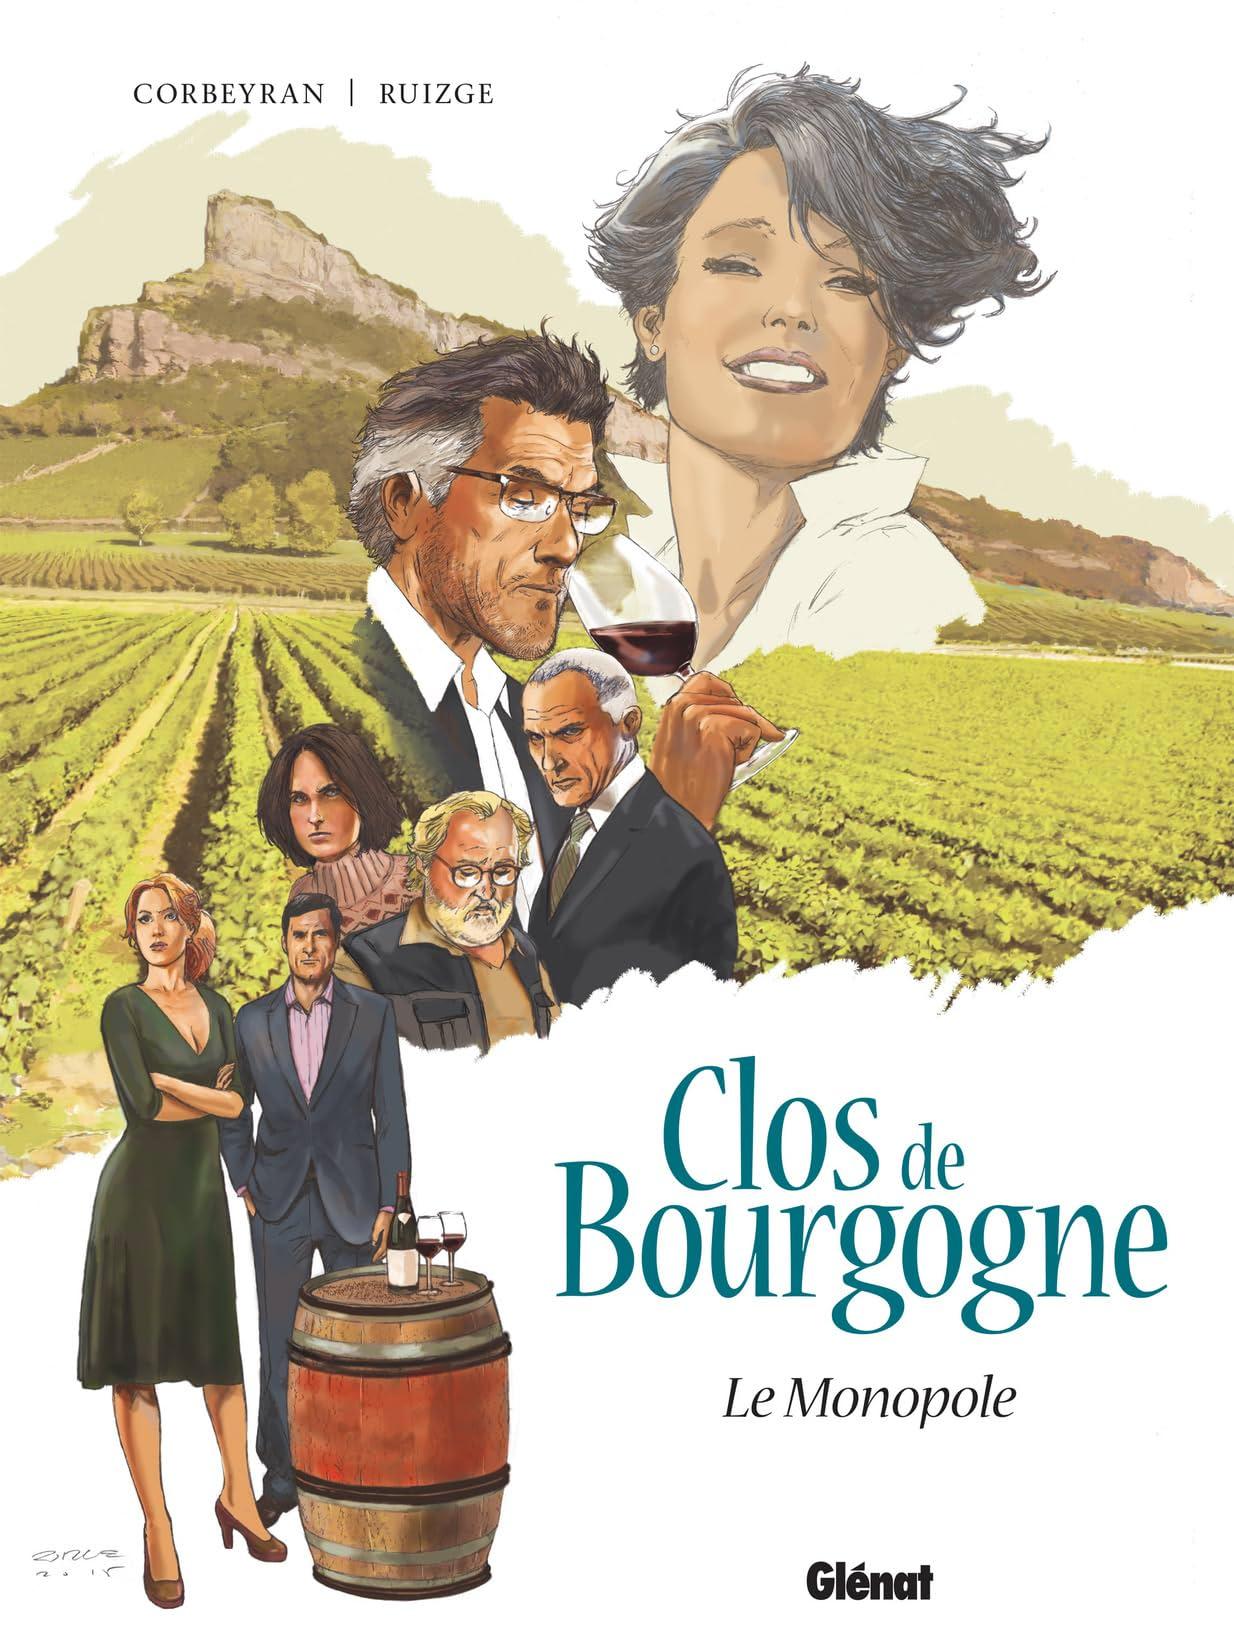 Clos de Bourgogne: Le Monopole